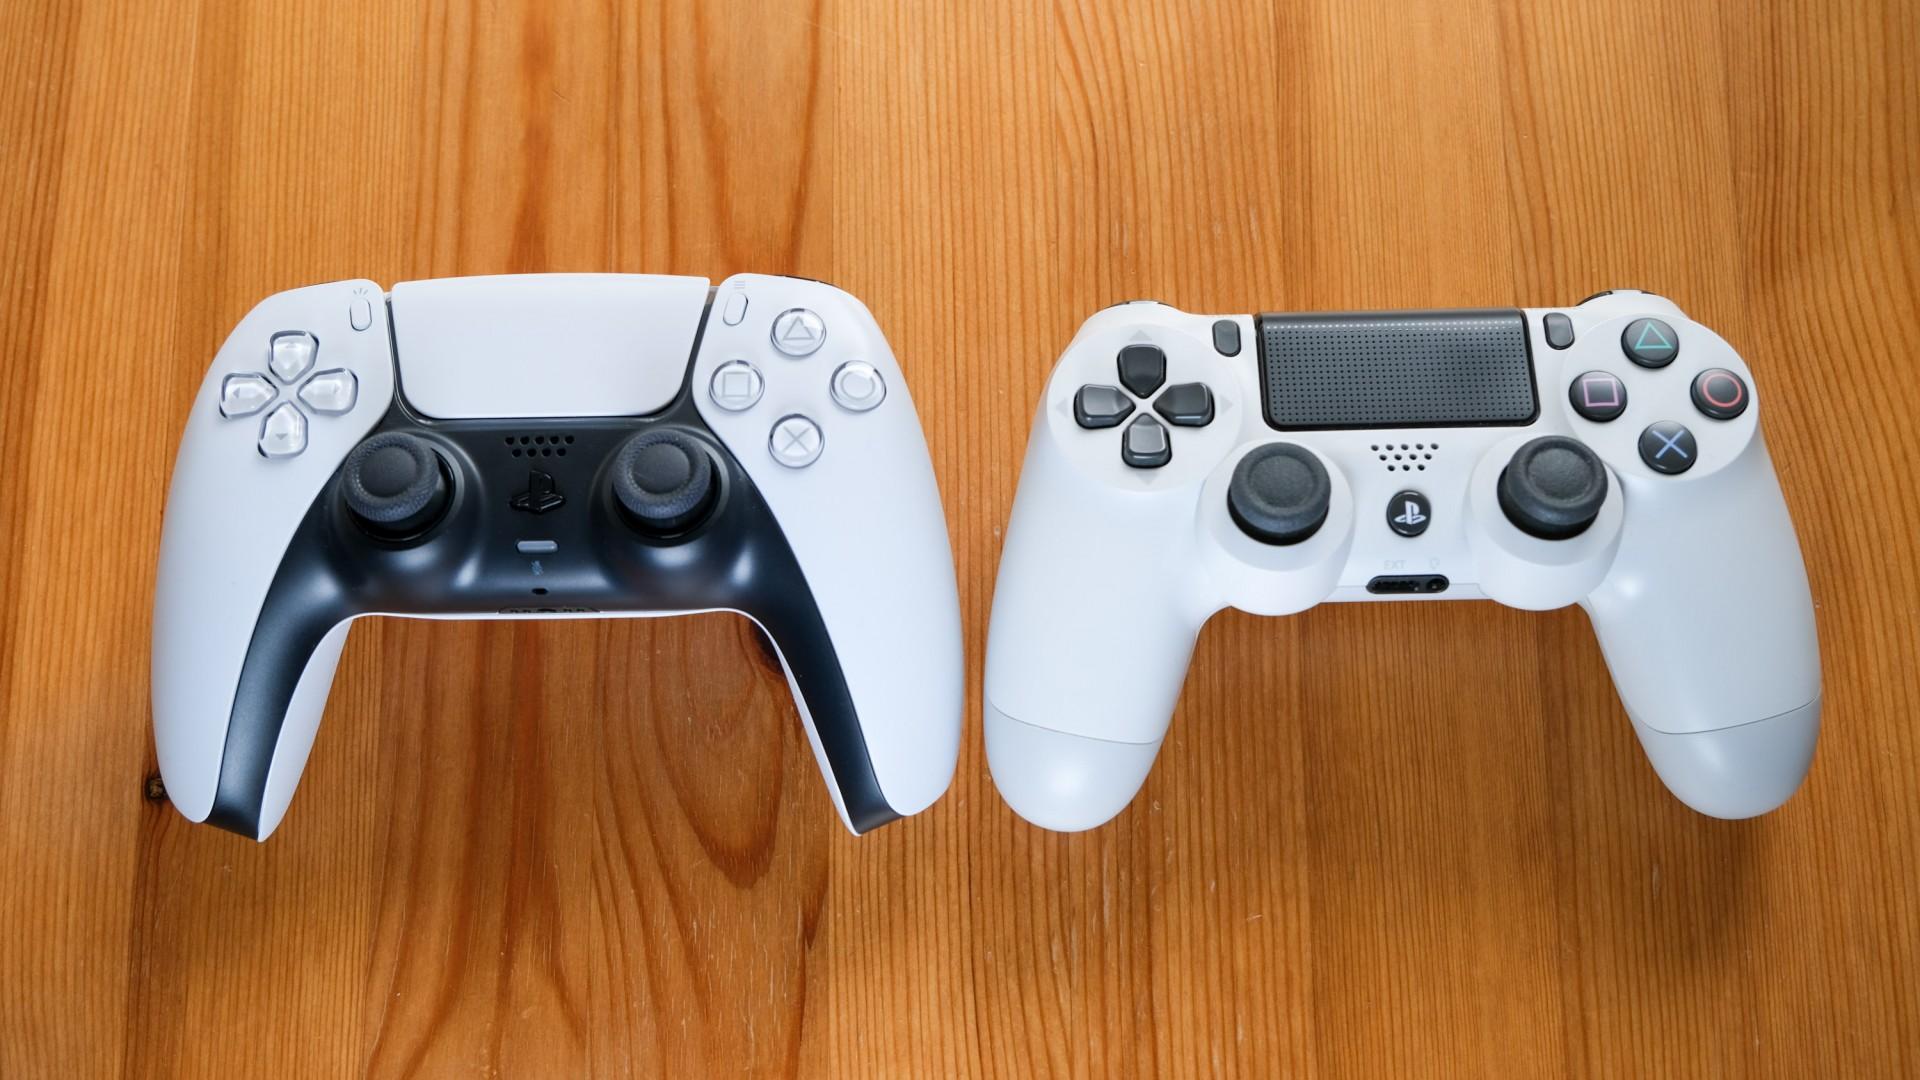 Next-Gen im Test: Playstation 5 liefert Bling-Bling und Begeisterung - Der neue Dualsense (links) wiegt etwas mehr als der Dualshock der PS4. (Bild: Foto: Golem.de/Peter Steinlechner)